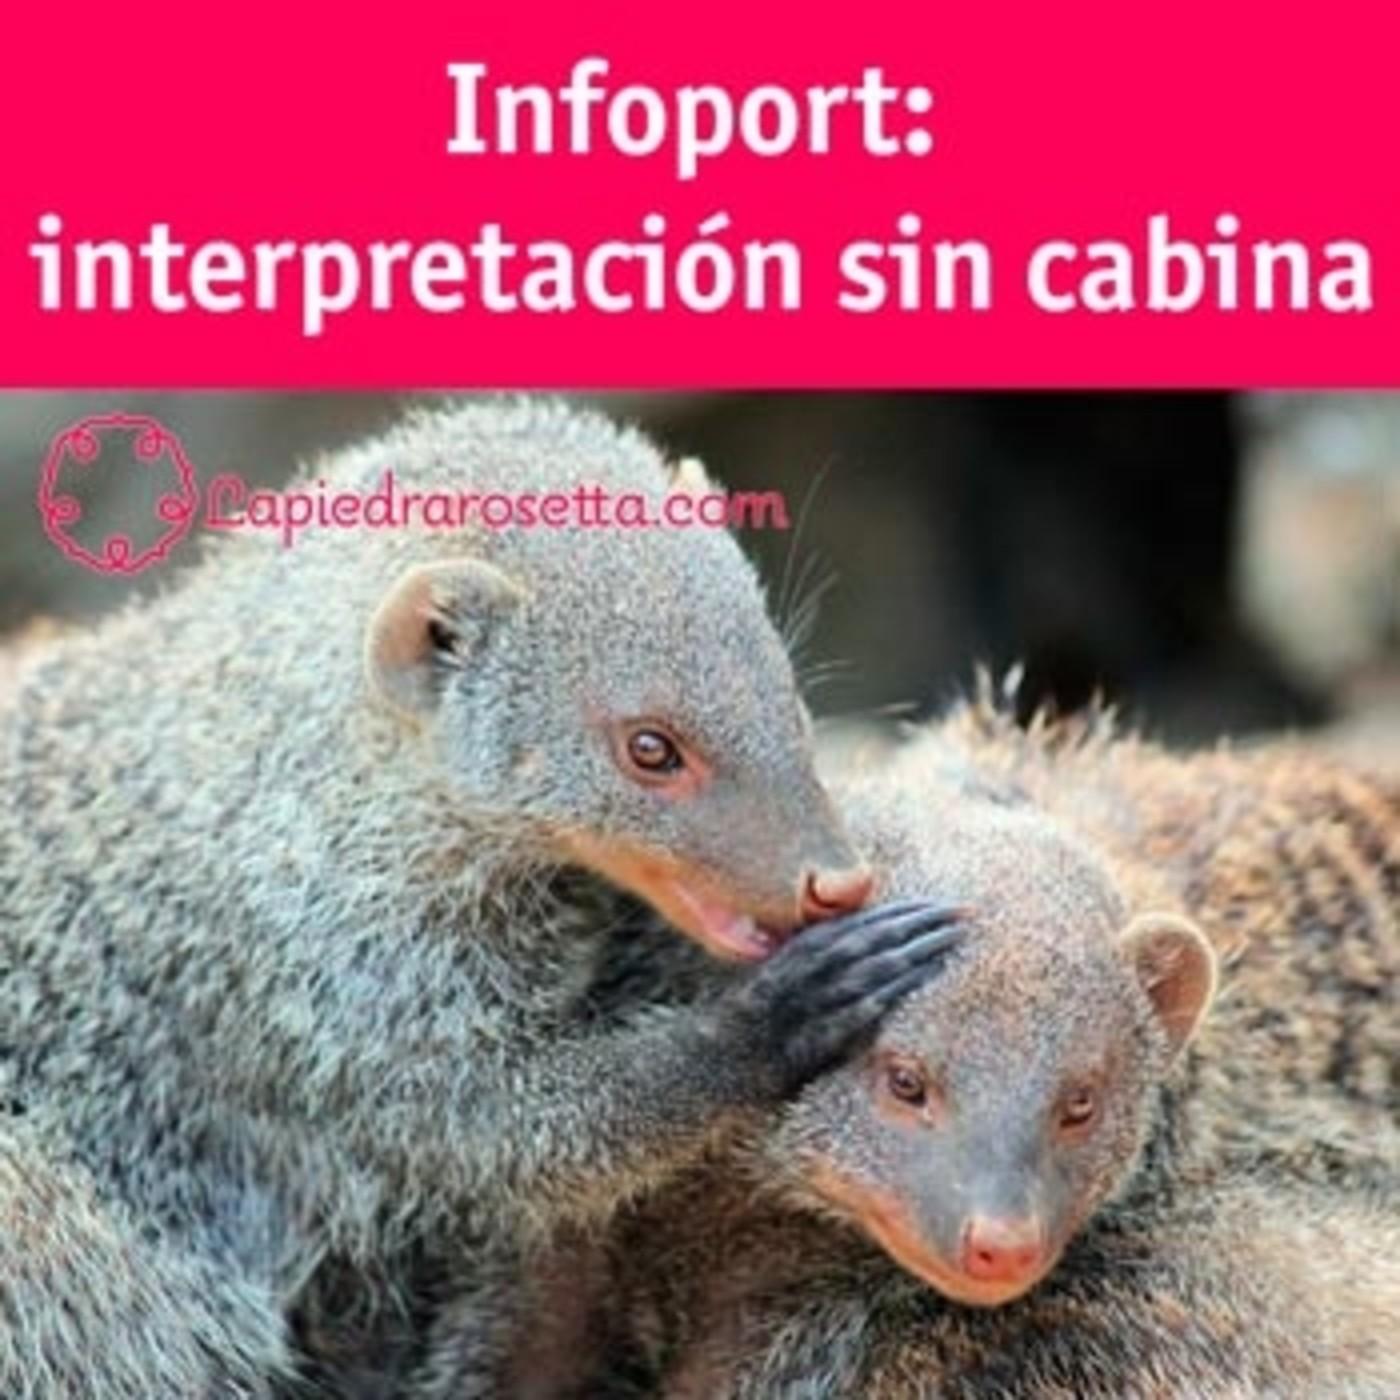 Infoport: interpretación sin cabina